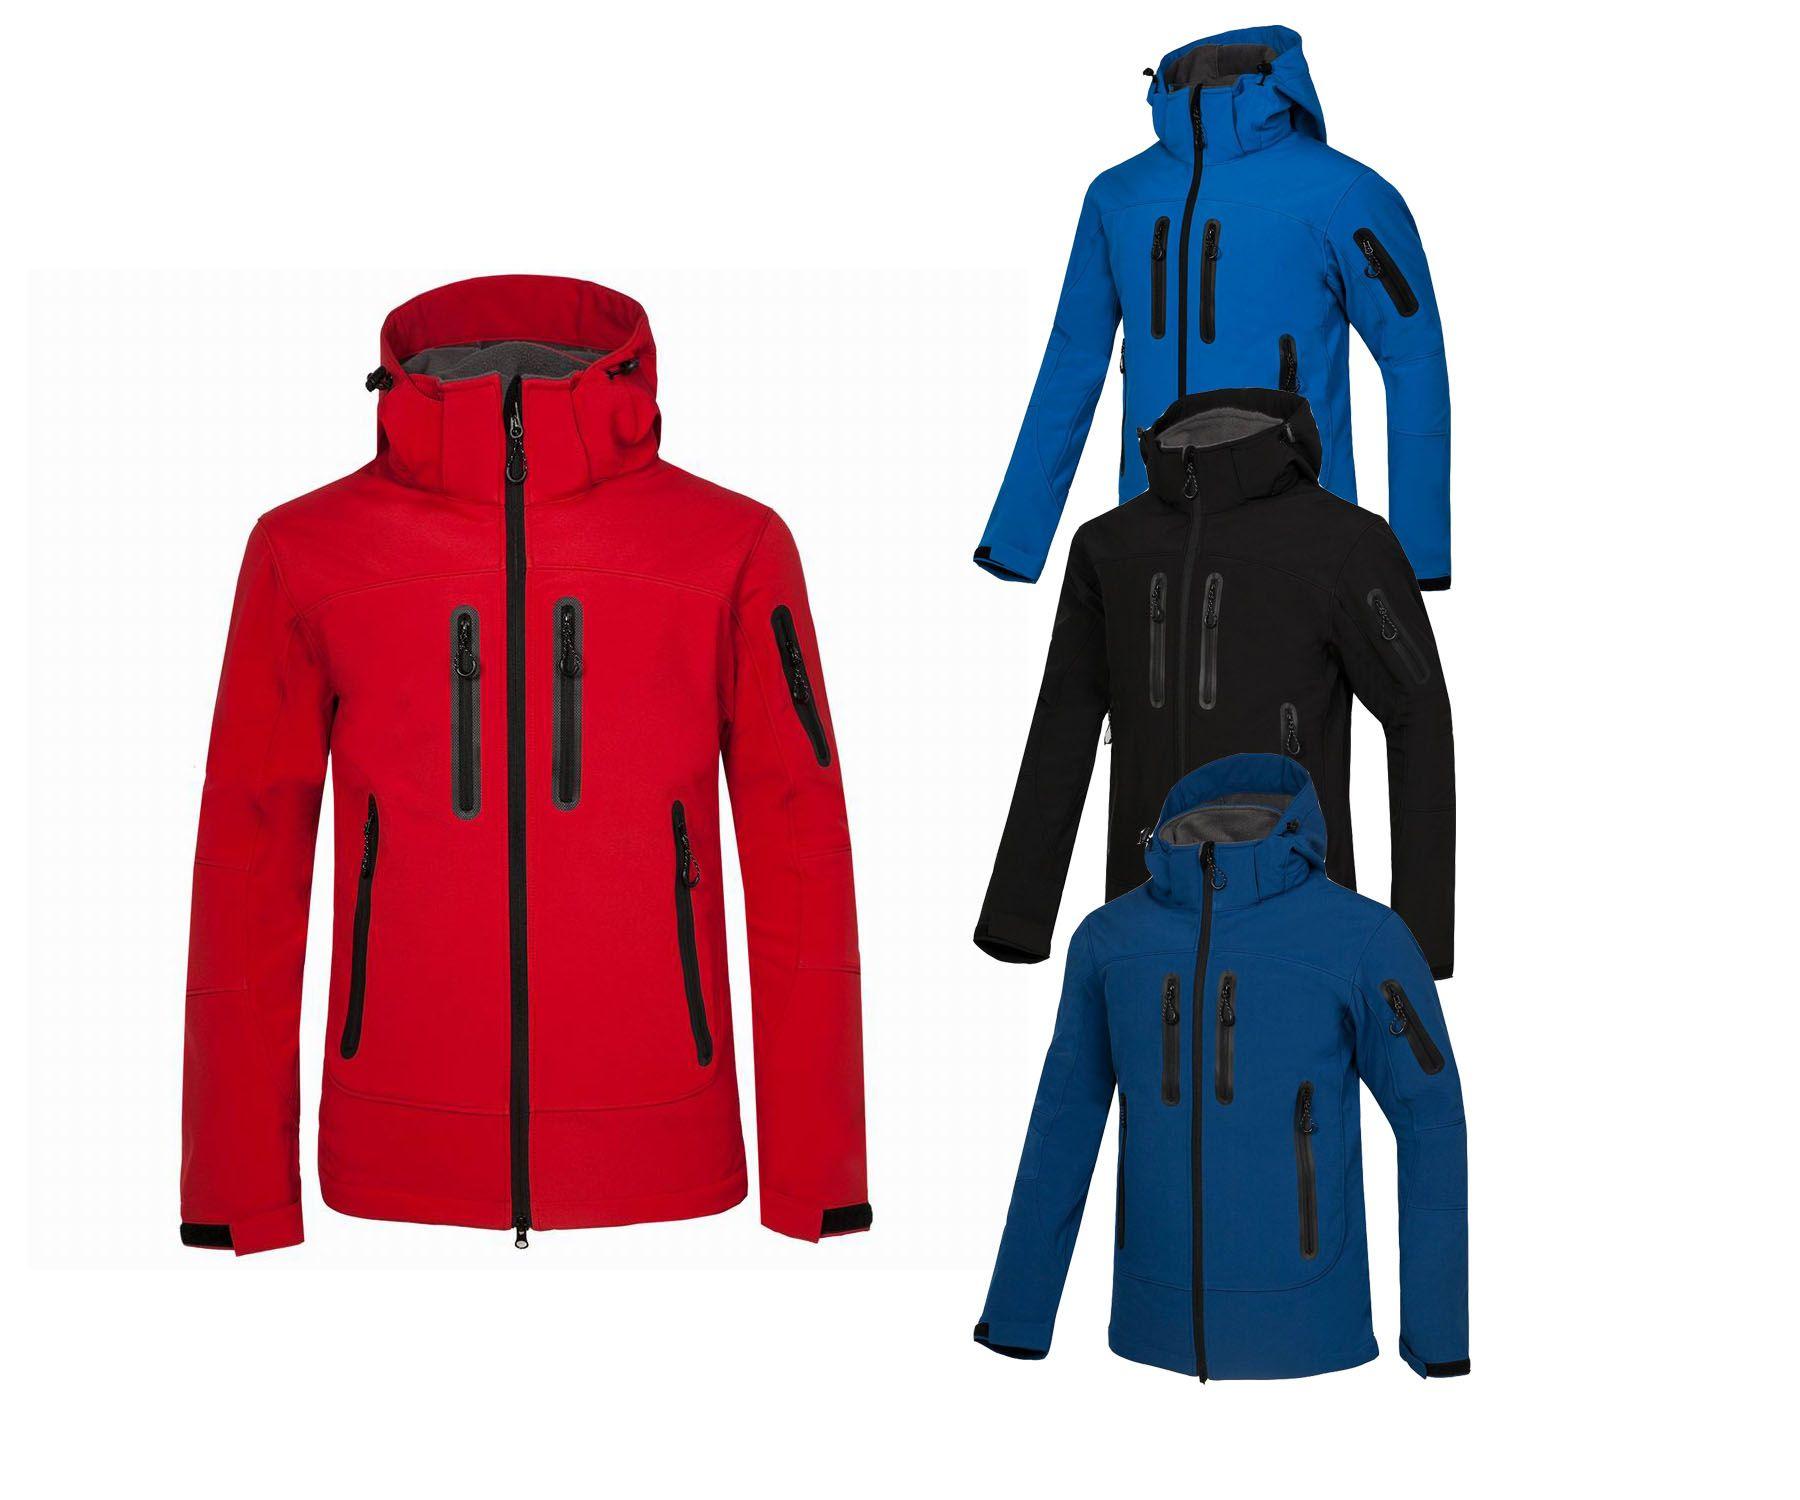 Campeggio all'aperto da uomo di trasporto libero campeggio escursionismo giacca sportiva a vento giacca a guscio morbido cappotto sportivo all'aperto